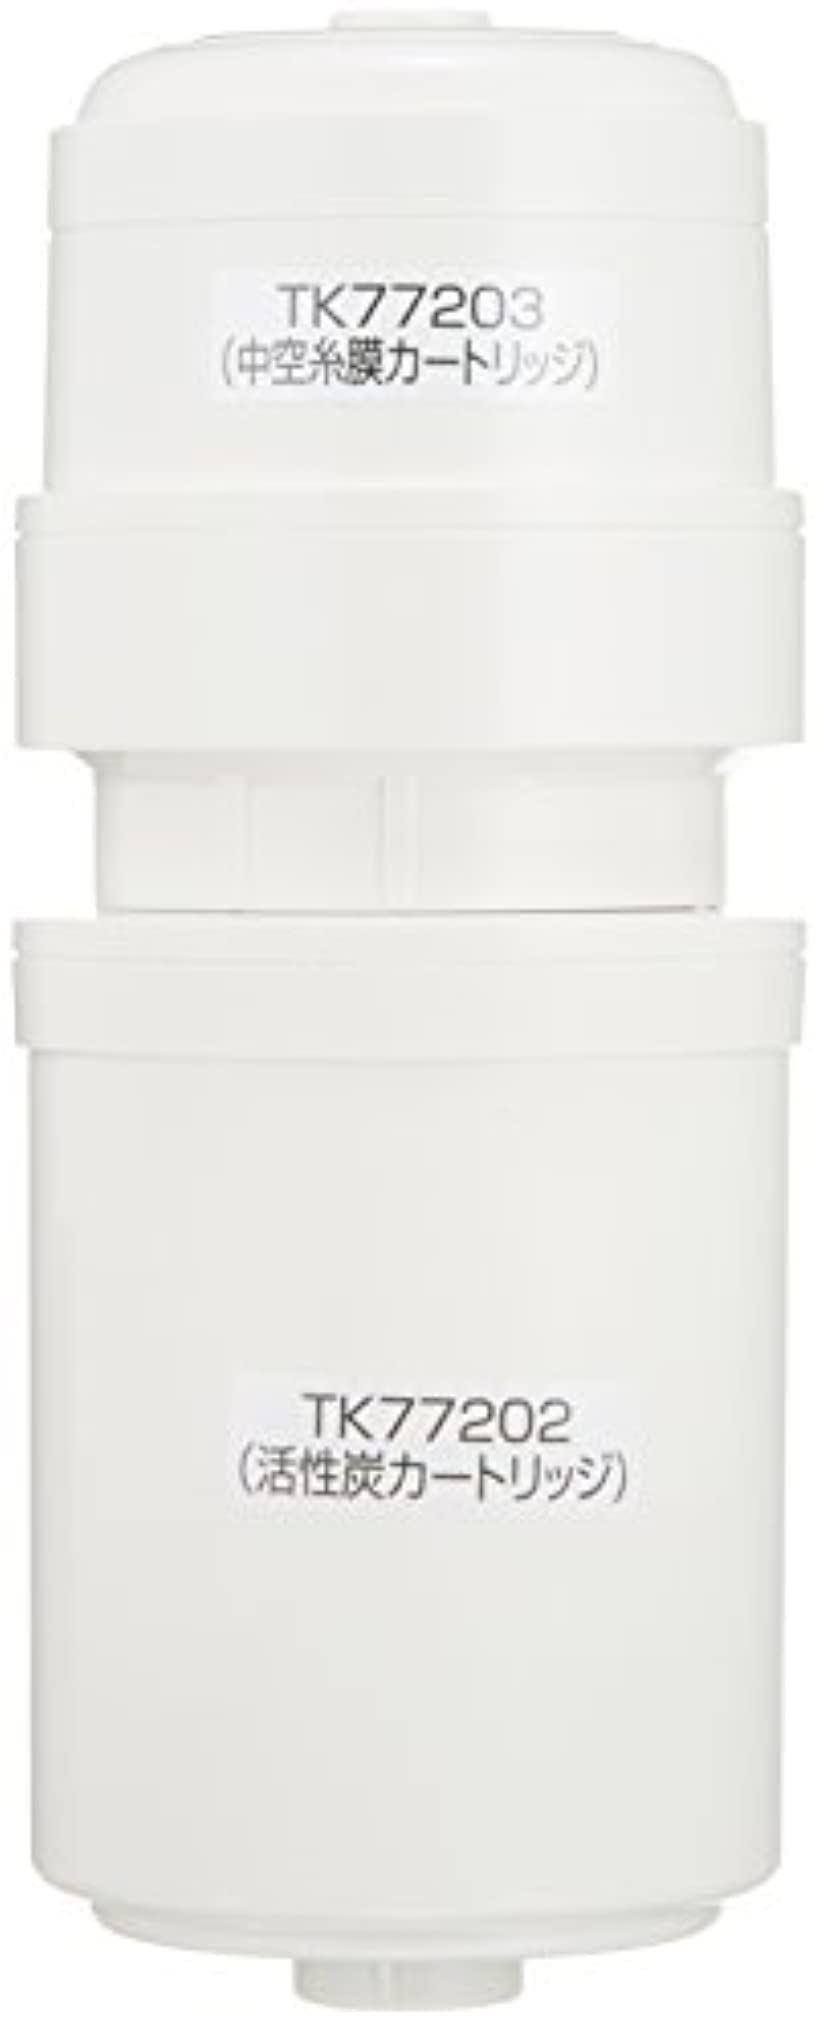 整水器カートリッジ アルカリミズトピア アルカリイオン整水器用 1個 TK77201